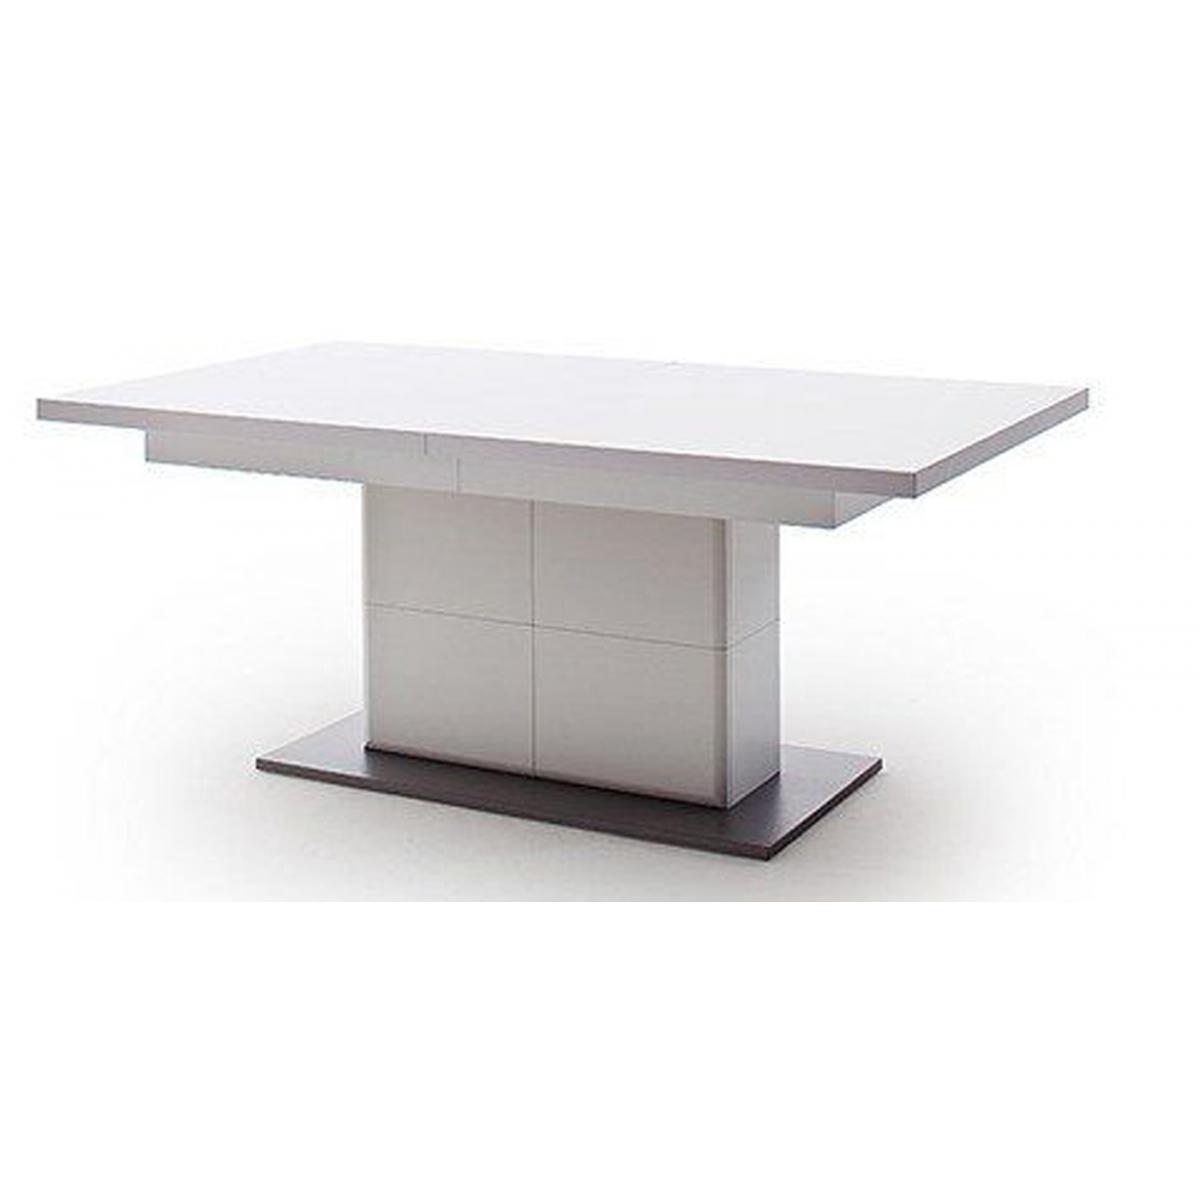 Pegane Table à manger extensible en bois coloris blanc mat - L.180-280 x H.77 x P.100 cm